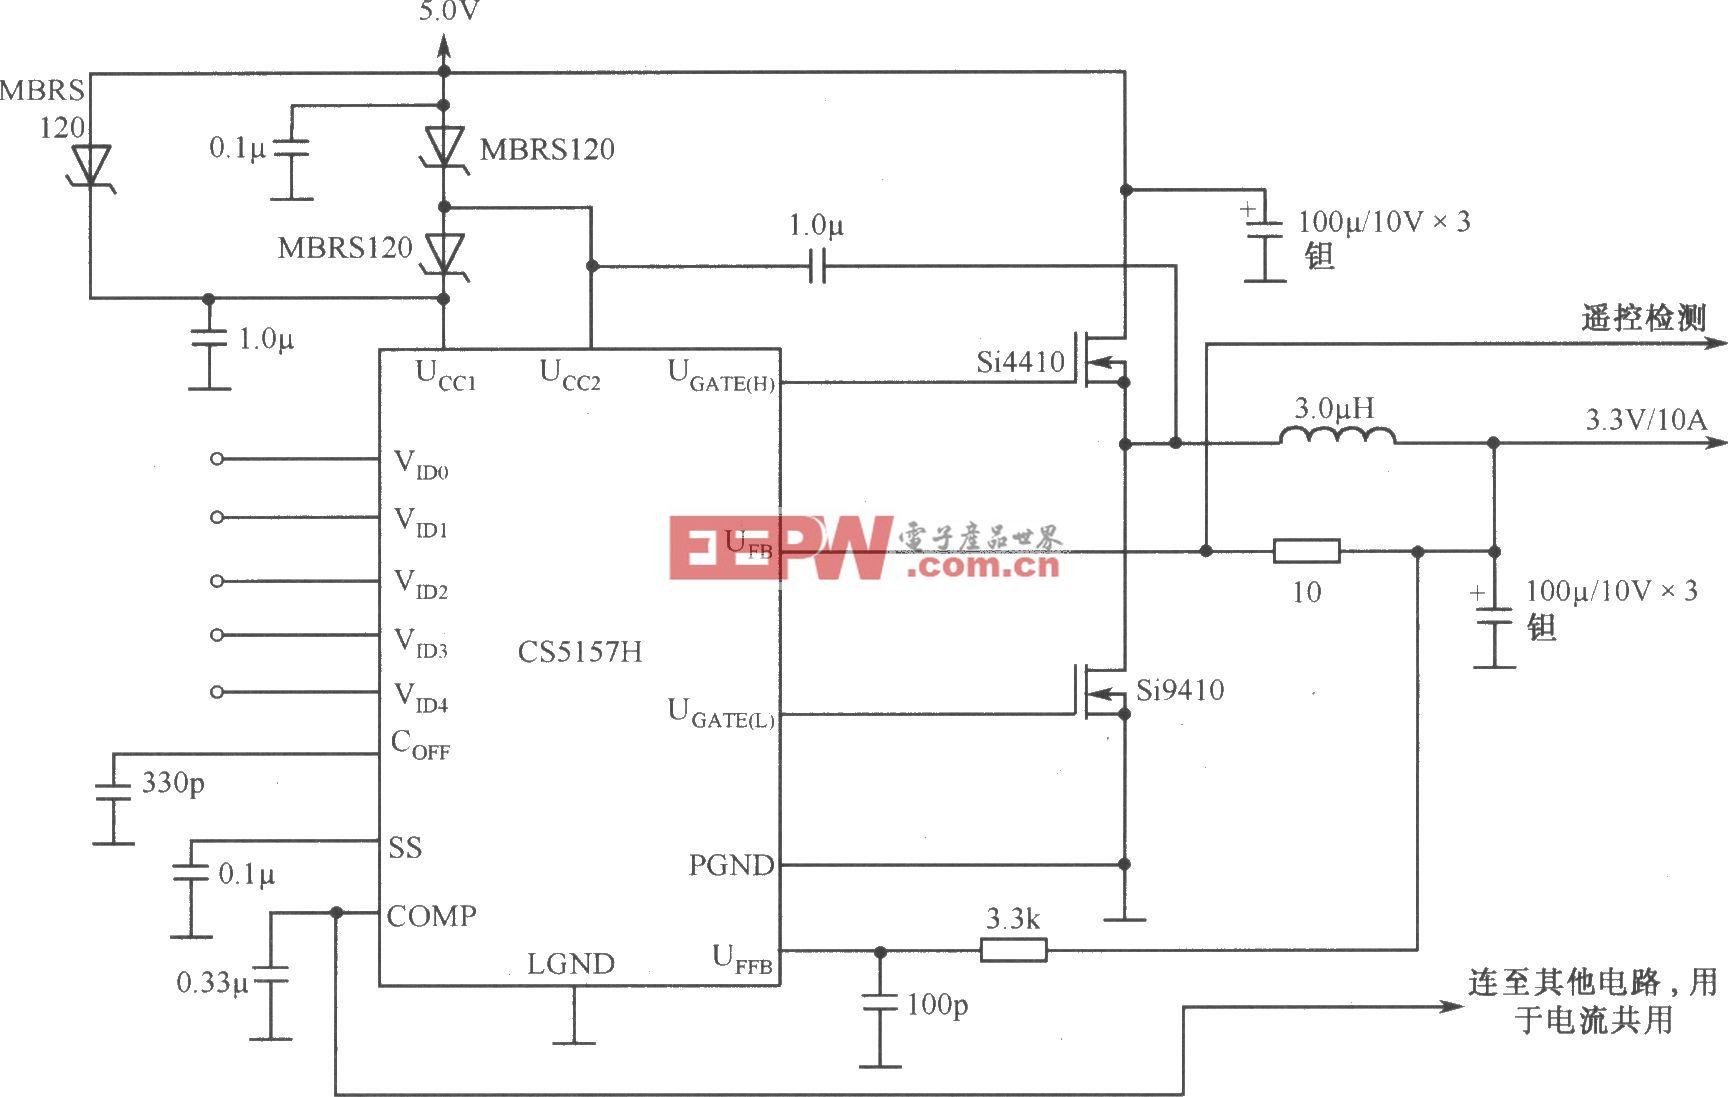 CS5157H构成的有电流共用的5.0V至3.3V/10A变换器